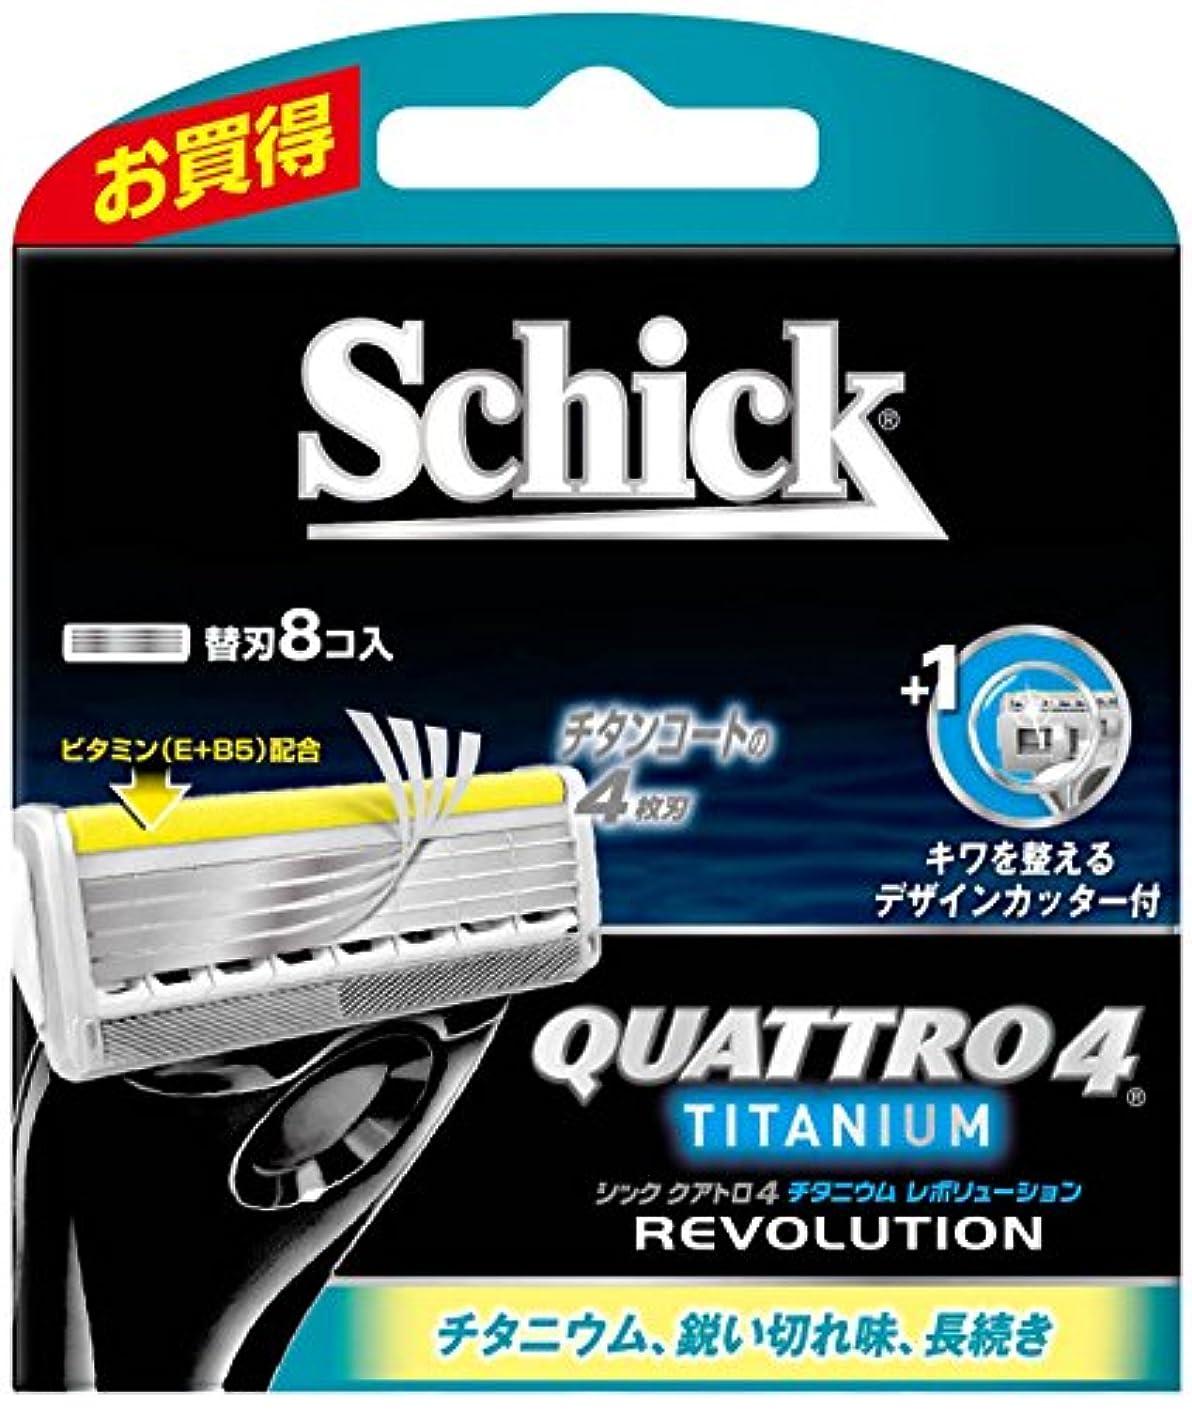 登録する書士最初にシック Schick クアトロ4 4枚刃 チタニウムレボリューション 替刃 (8コ入)